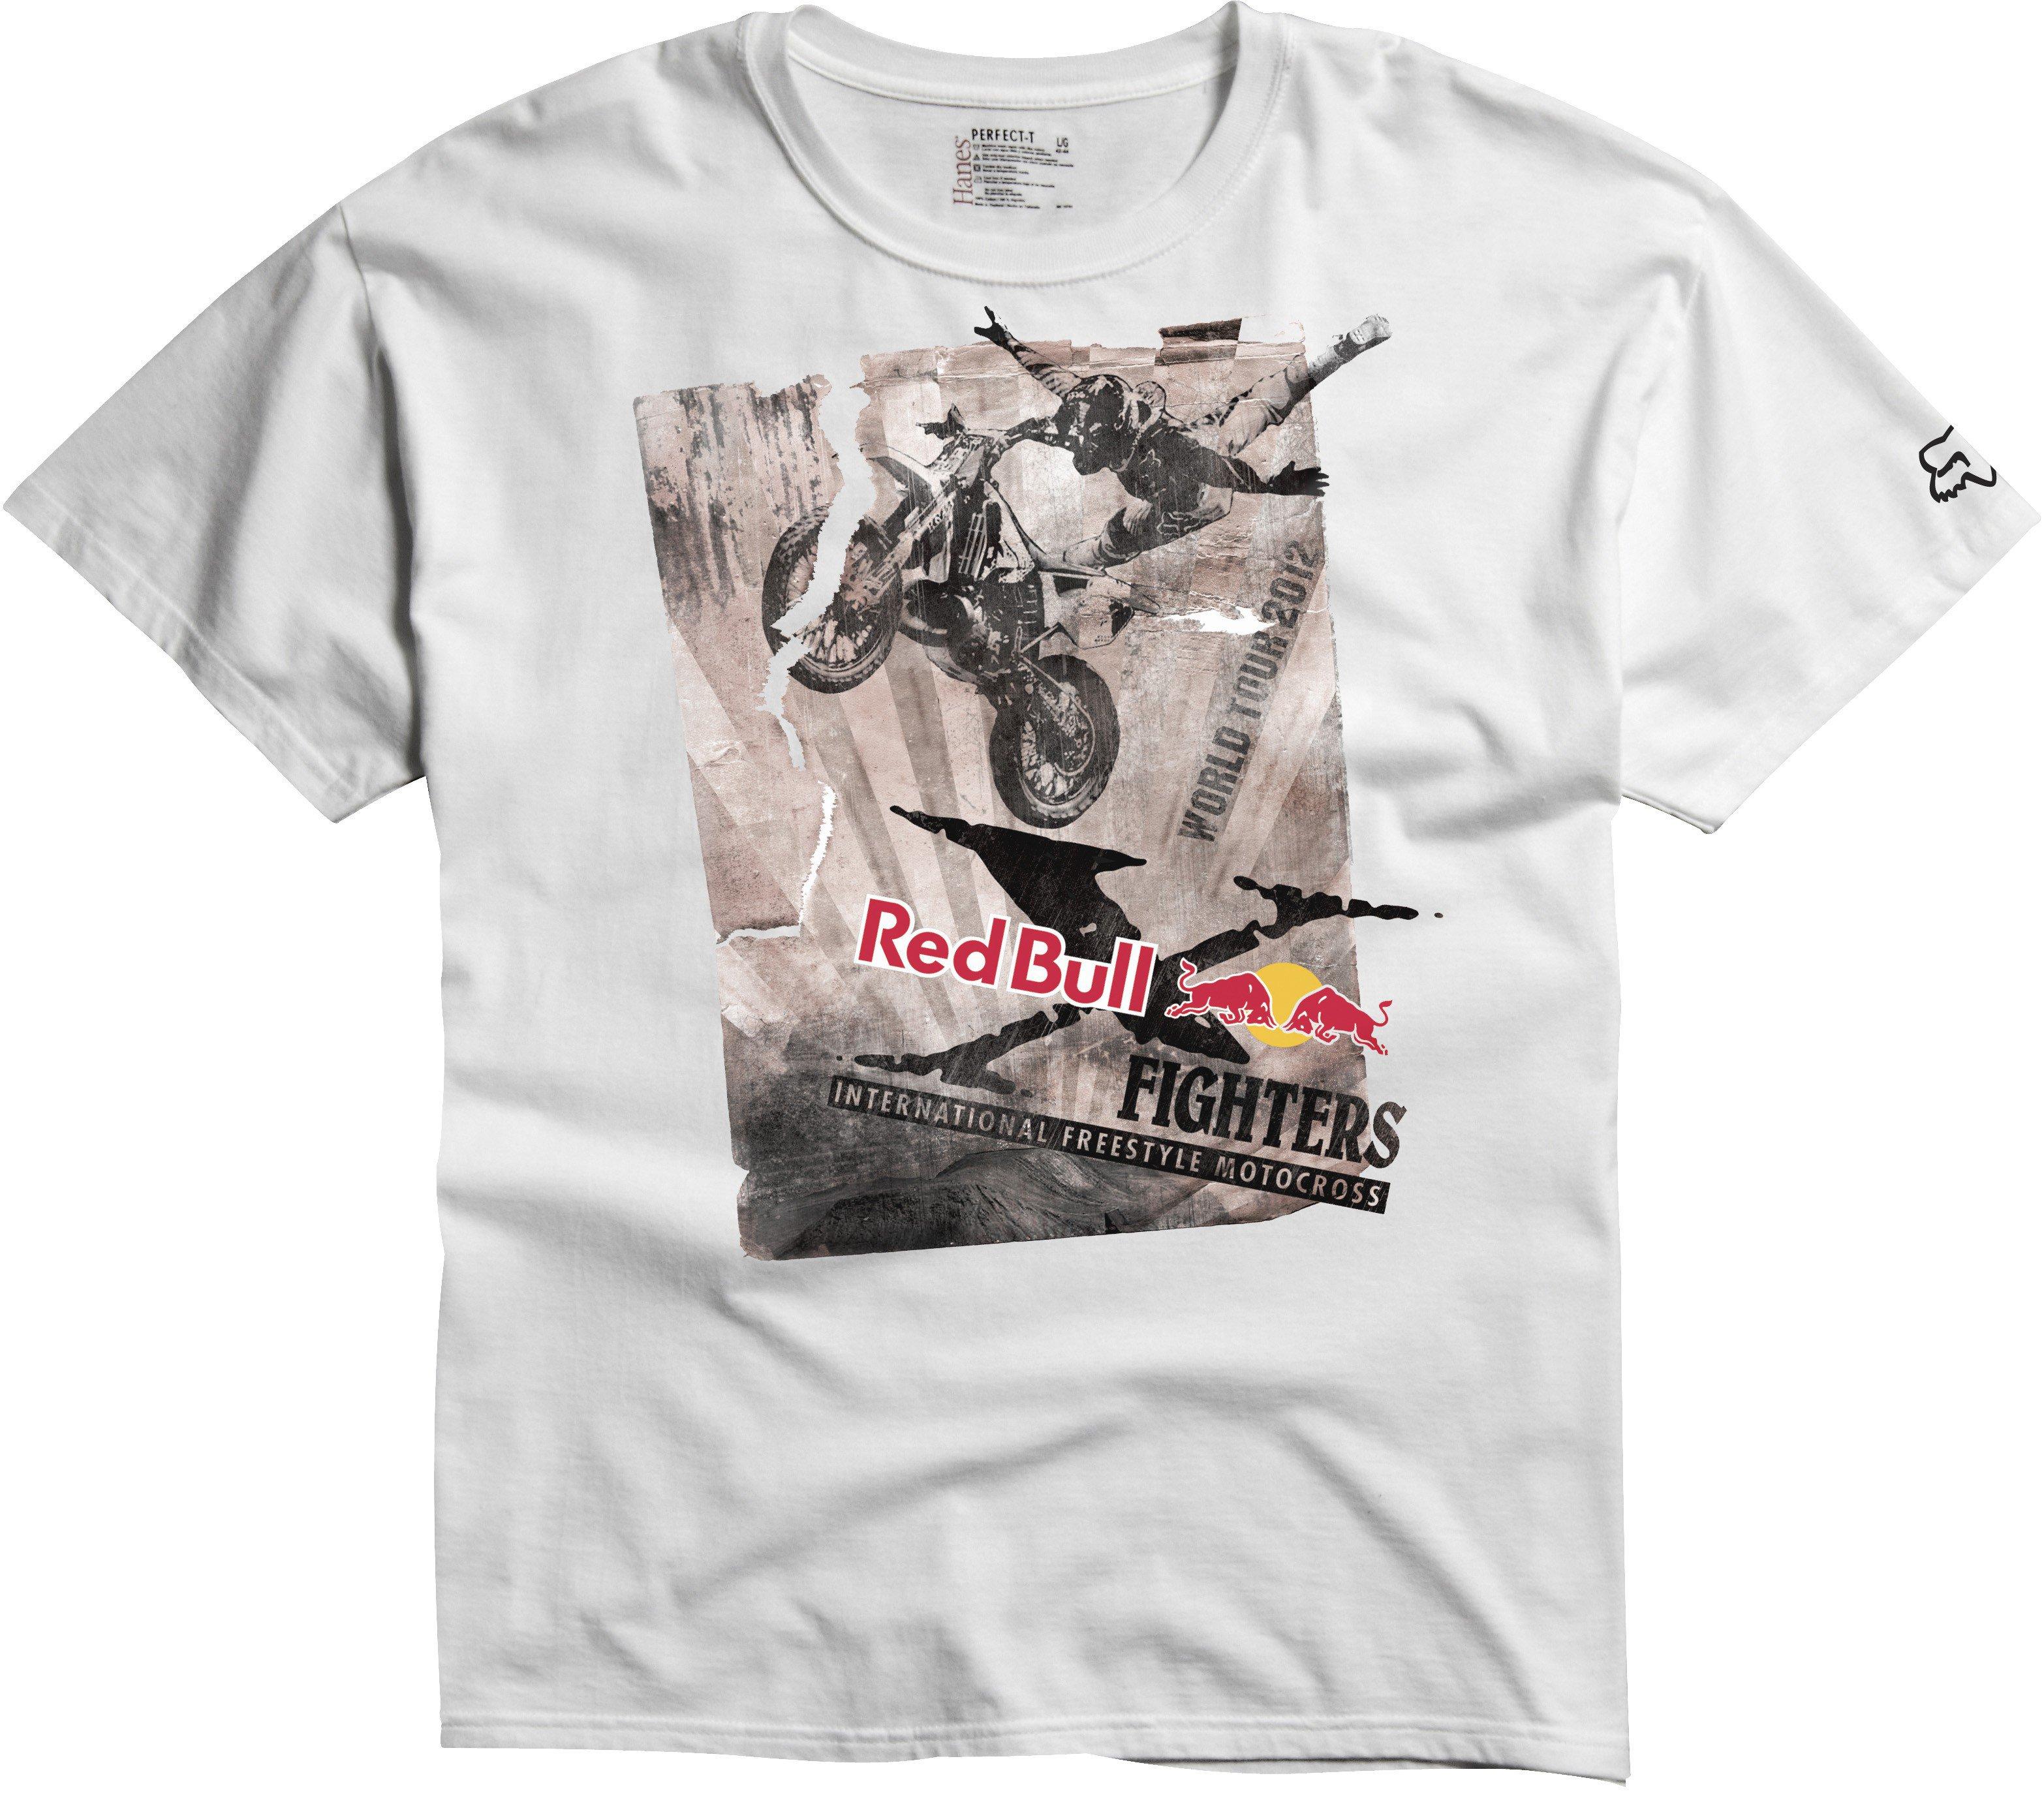 b871a2907ef Tričko pánské FOX Red Bull Posterized Tour bílé